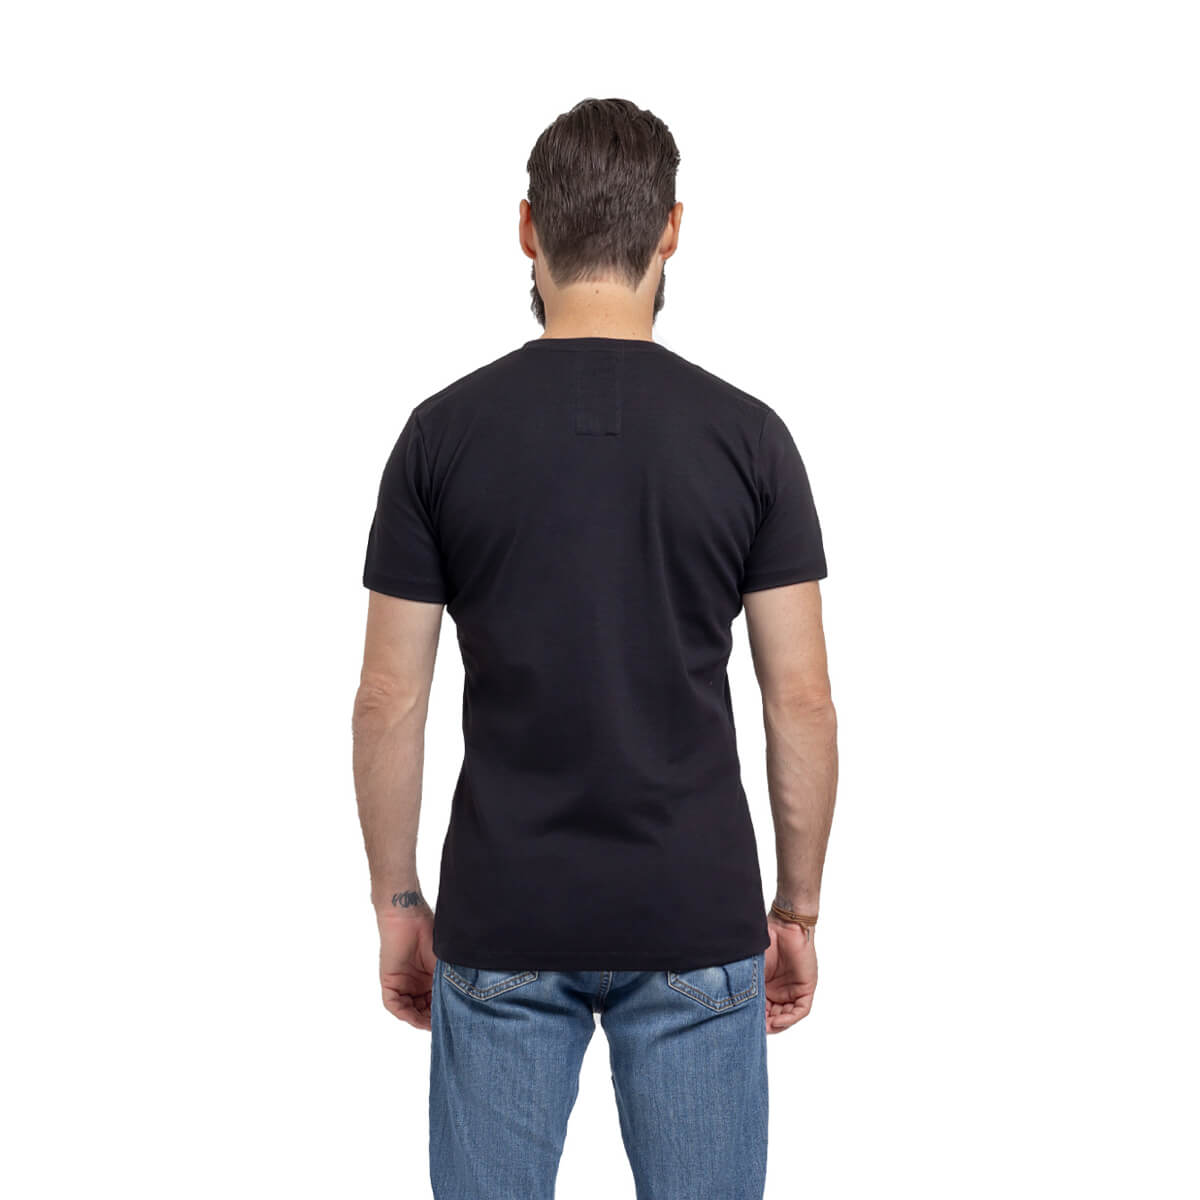 Franela esencial cuello redondo negro hombre espalda